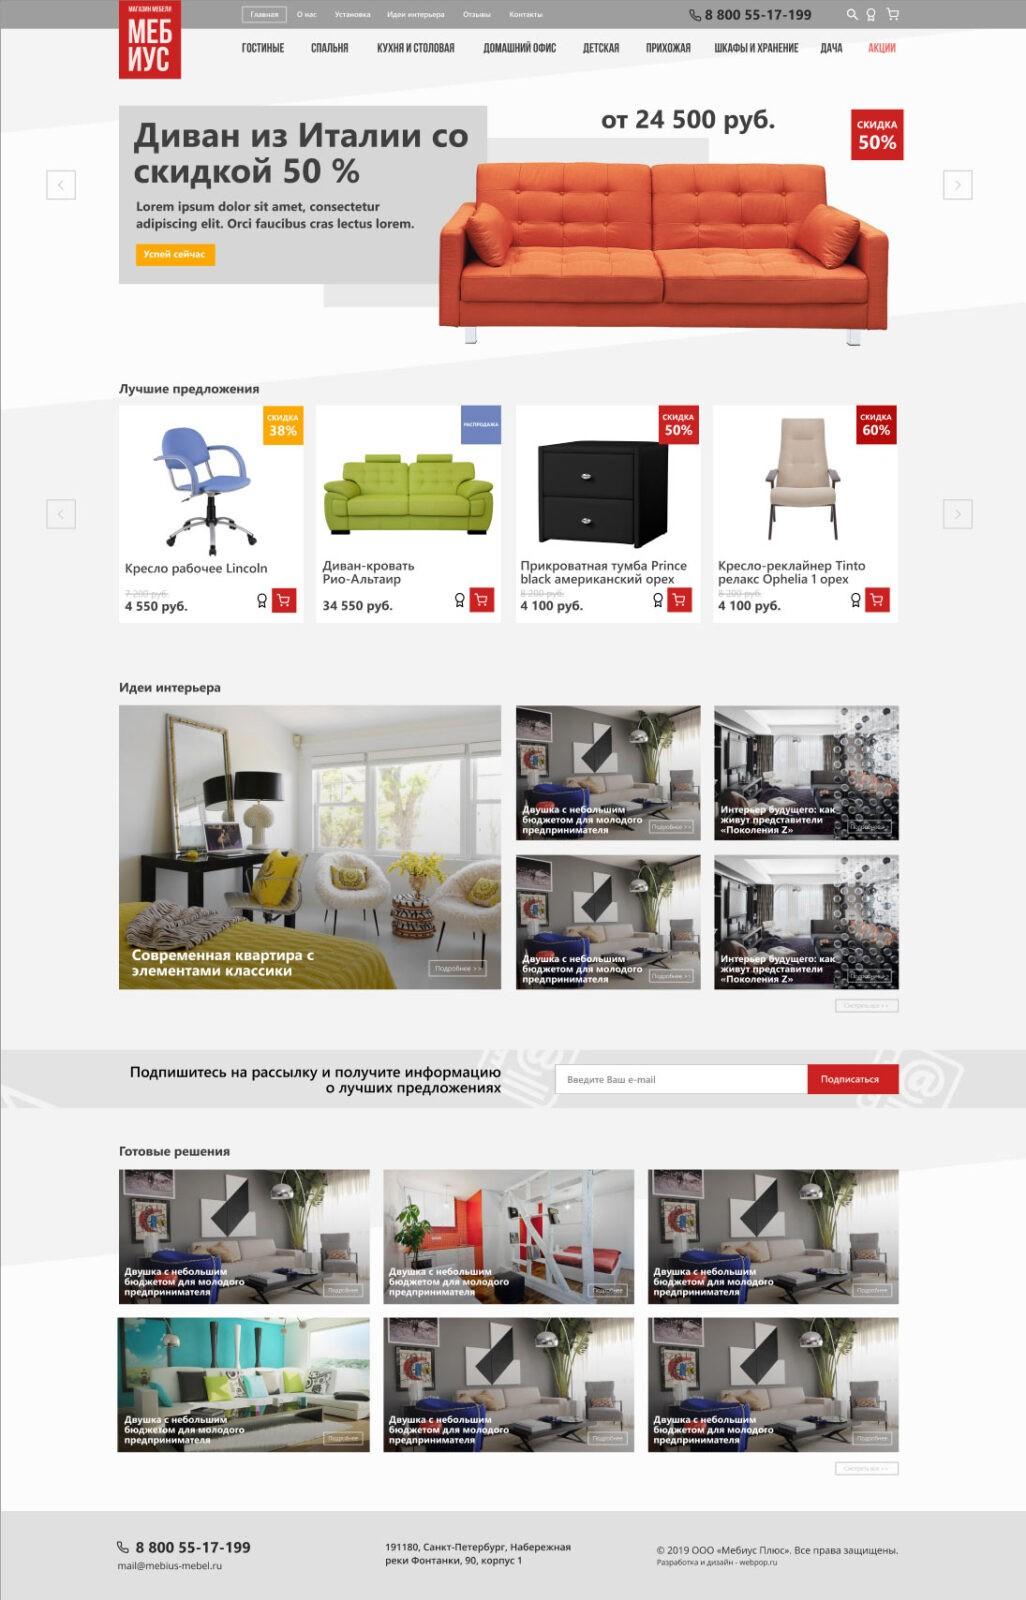 UI дизайн сайта «Мебиус»